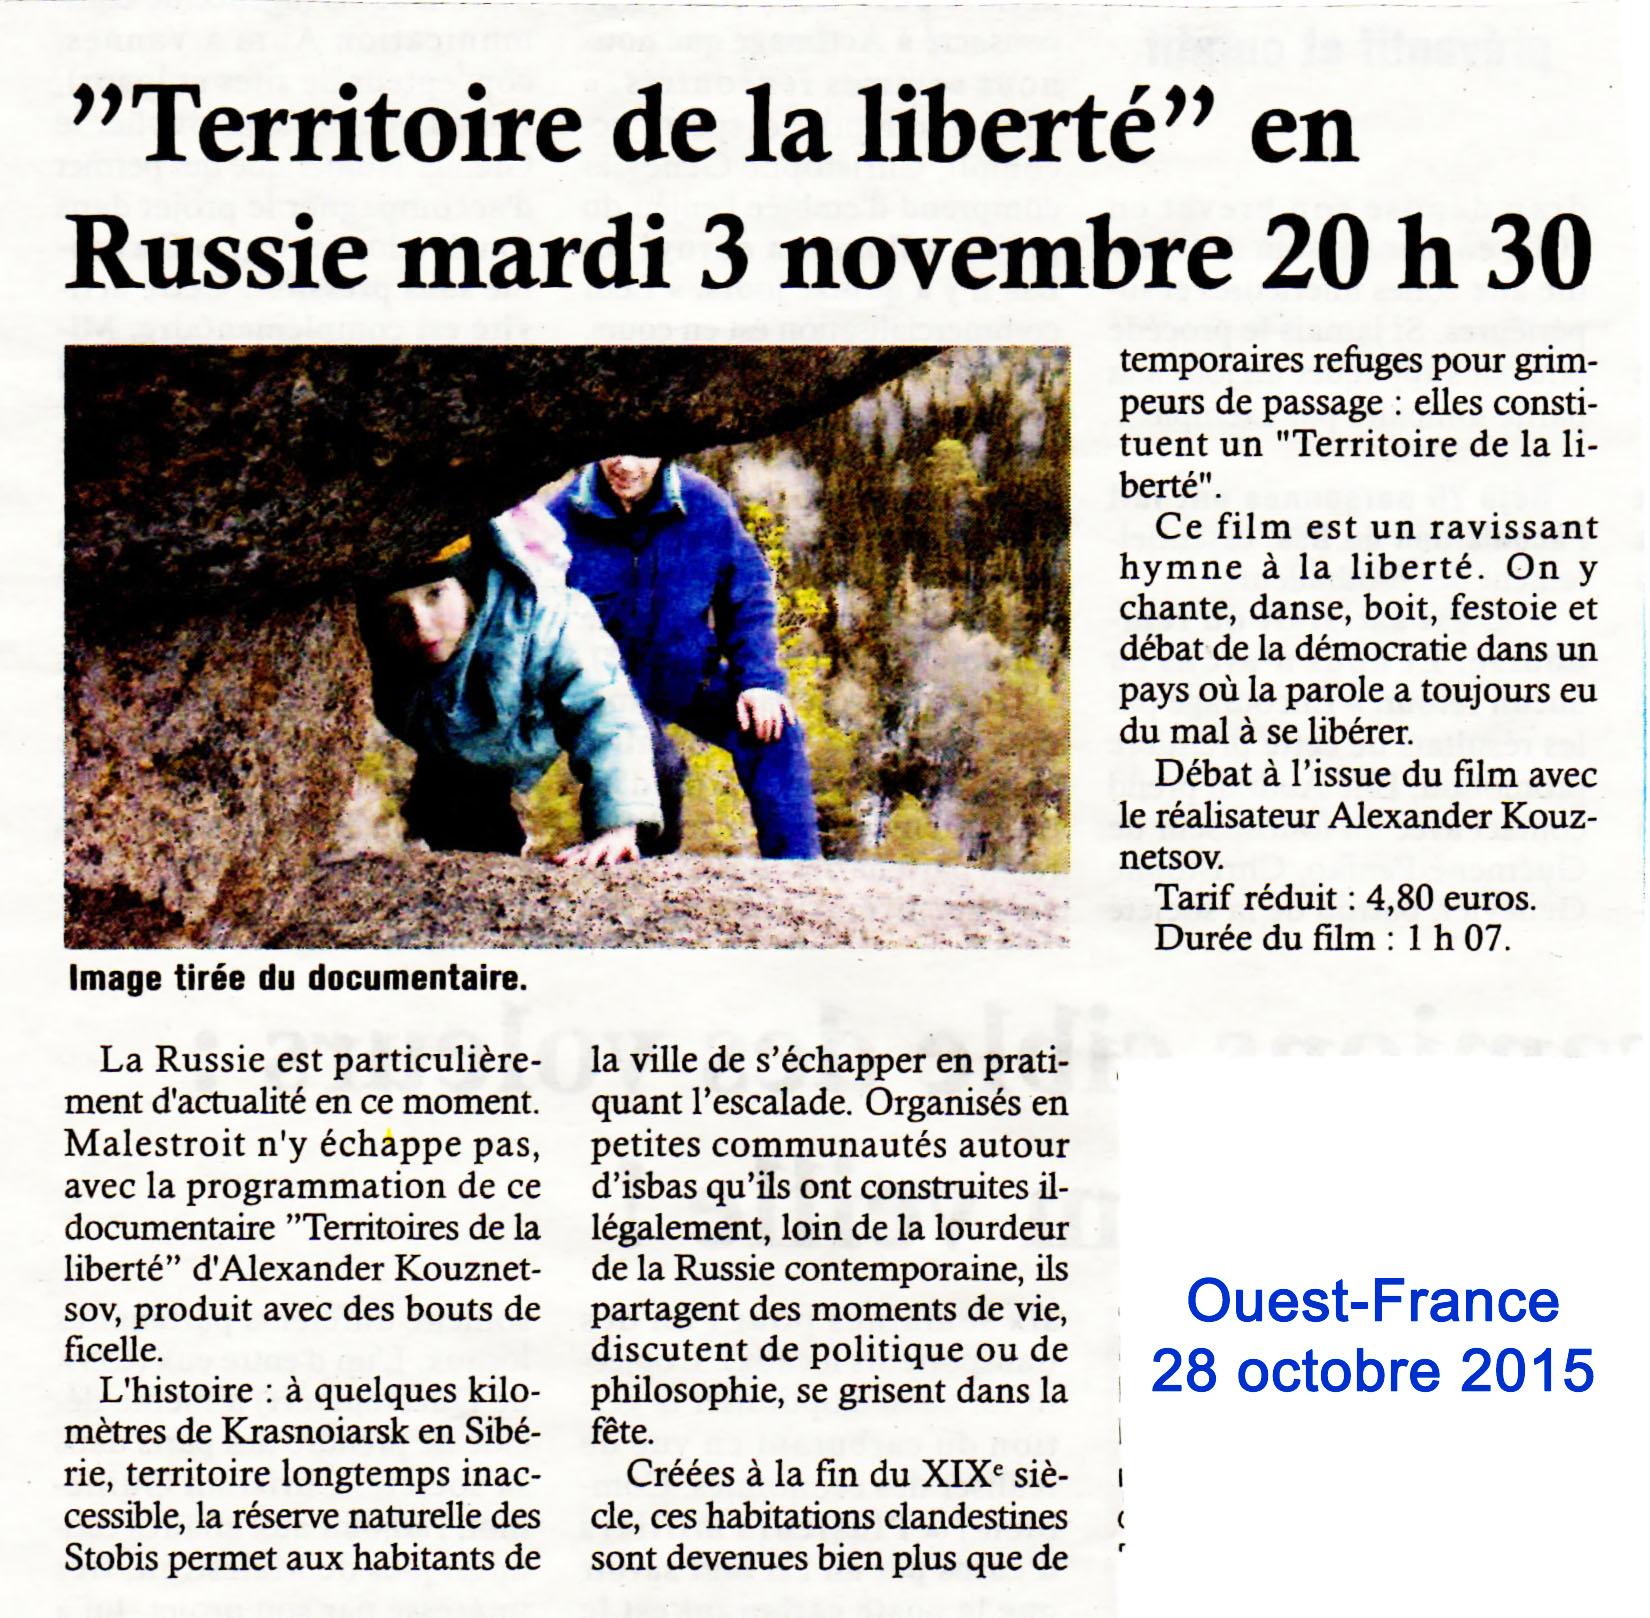 2015_10_28_Territoire_de_la_liberté_OF.jpg